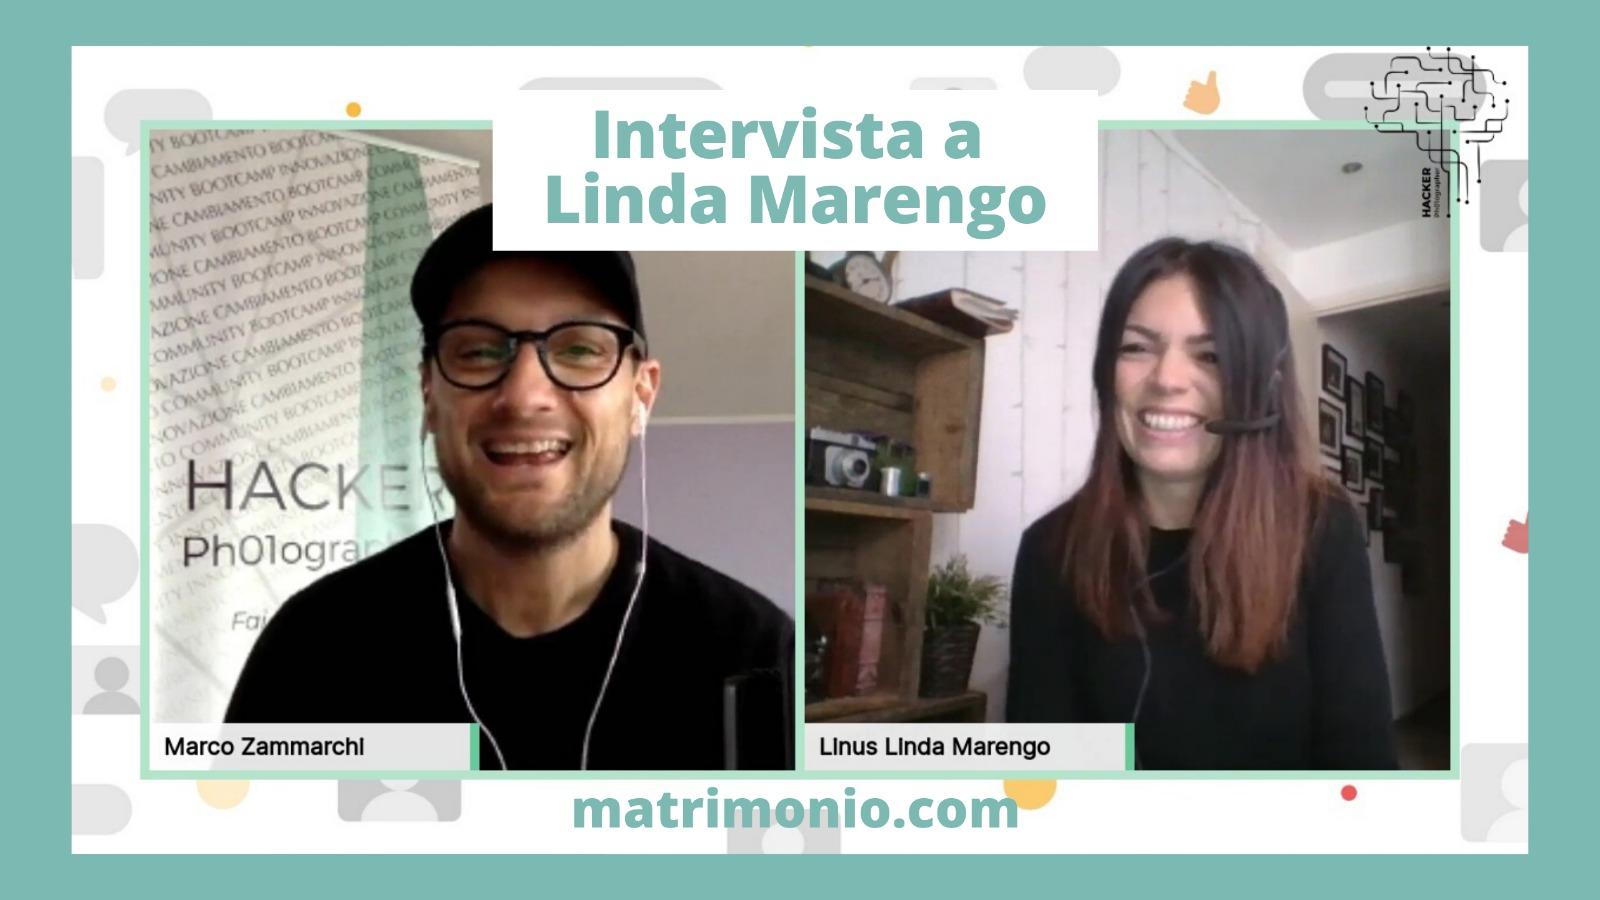 intervista a linda marengo matrimonio.com